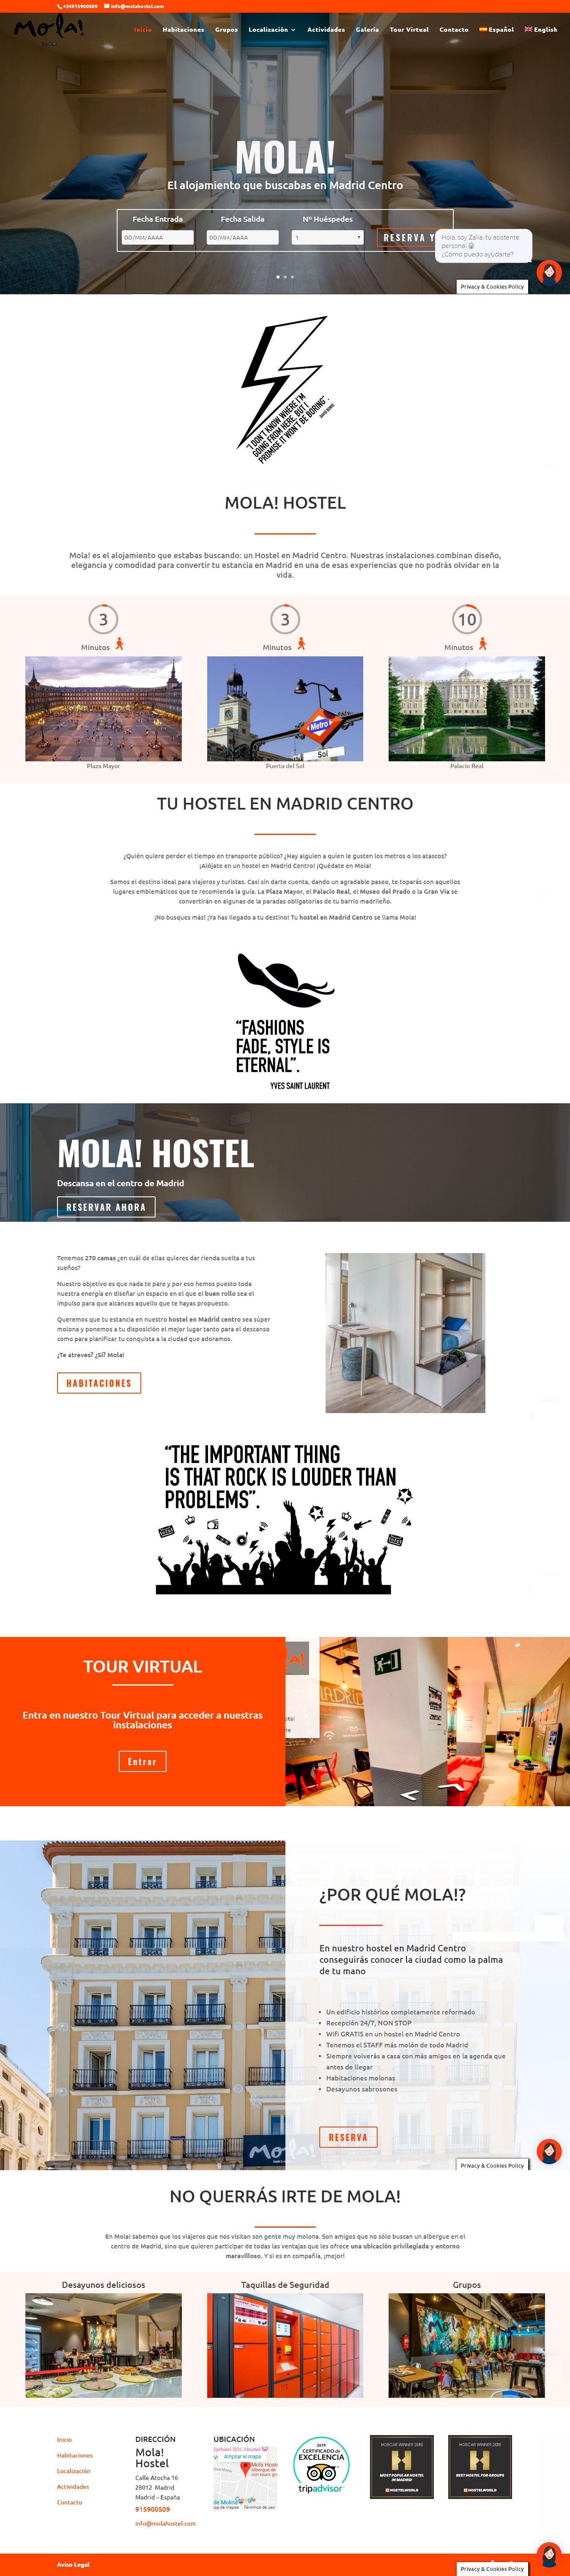 mola-hostel-COMPLETA